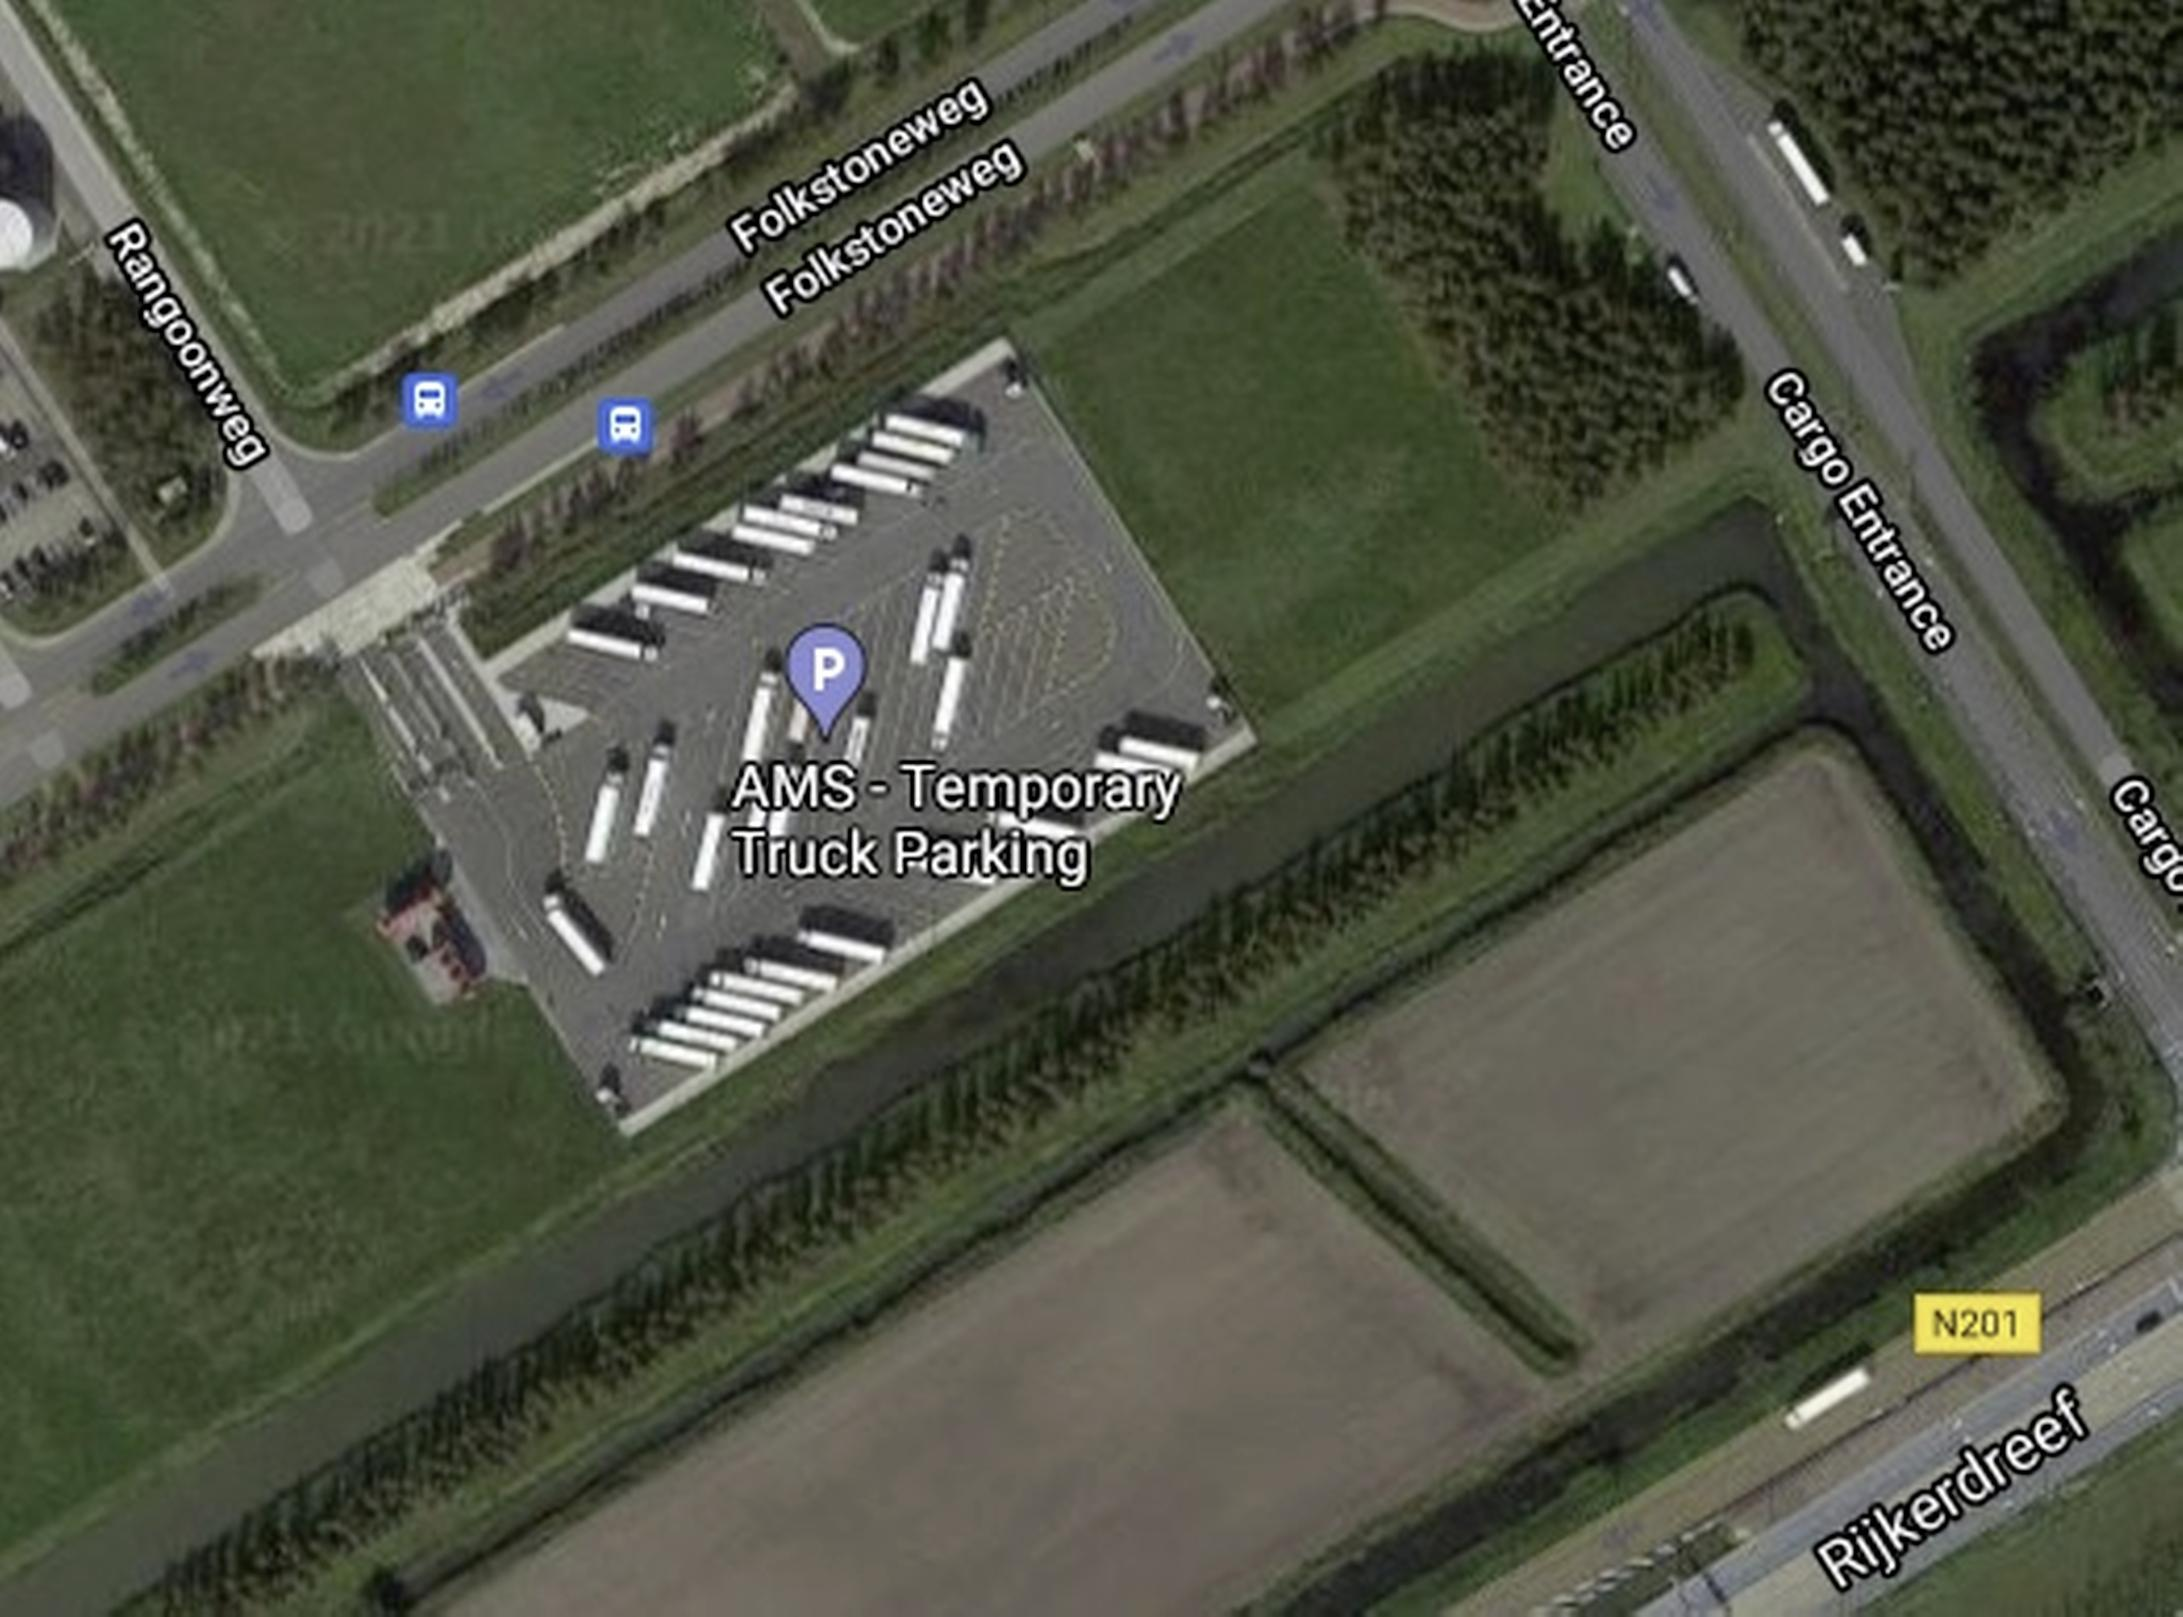 Besluit over parkeren vrachtwagens in Haarlemmermeer werd in 1999 niet gepubliceerd, de regels uit 1988 gelden anno 2021 nog steeds